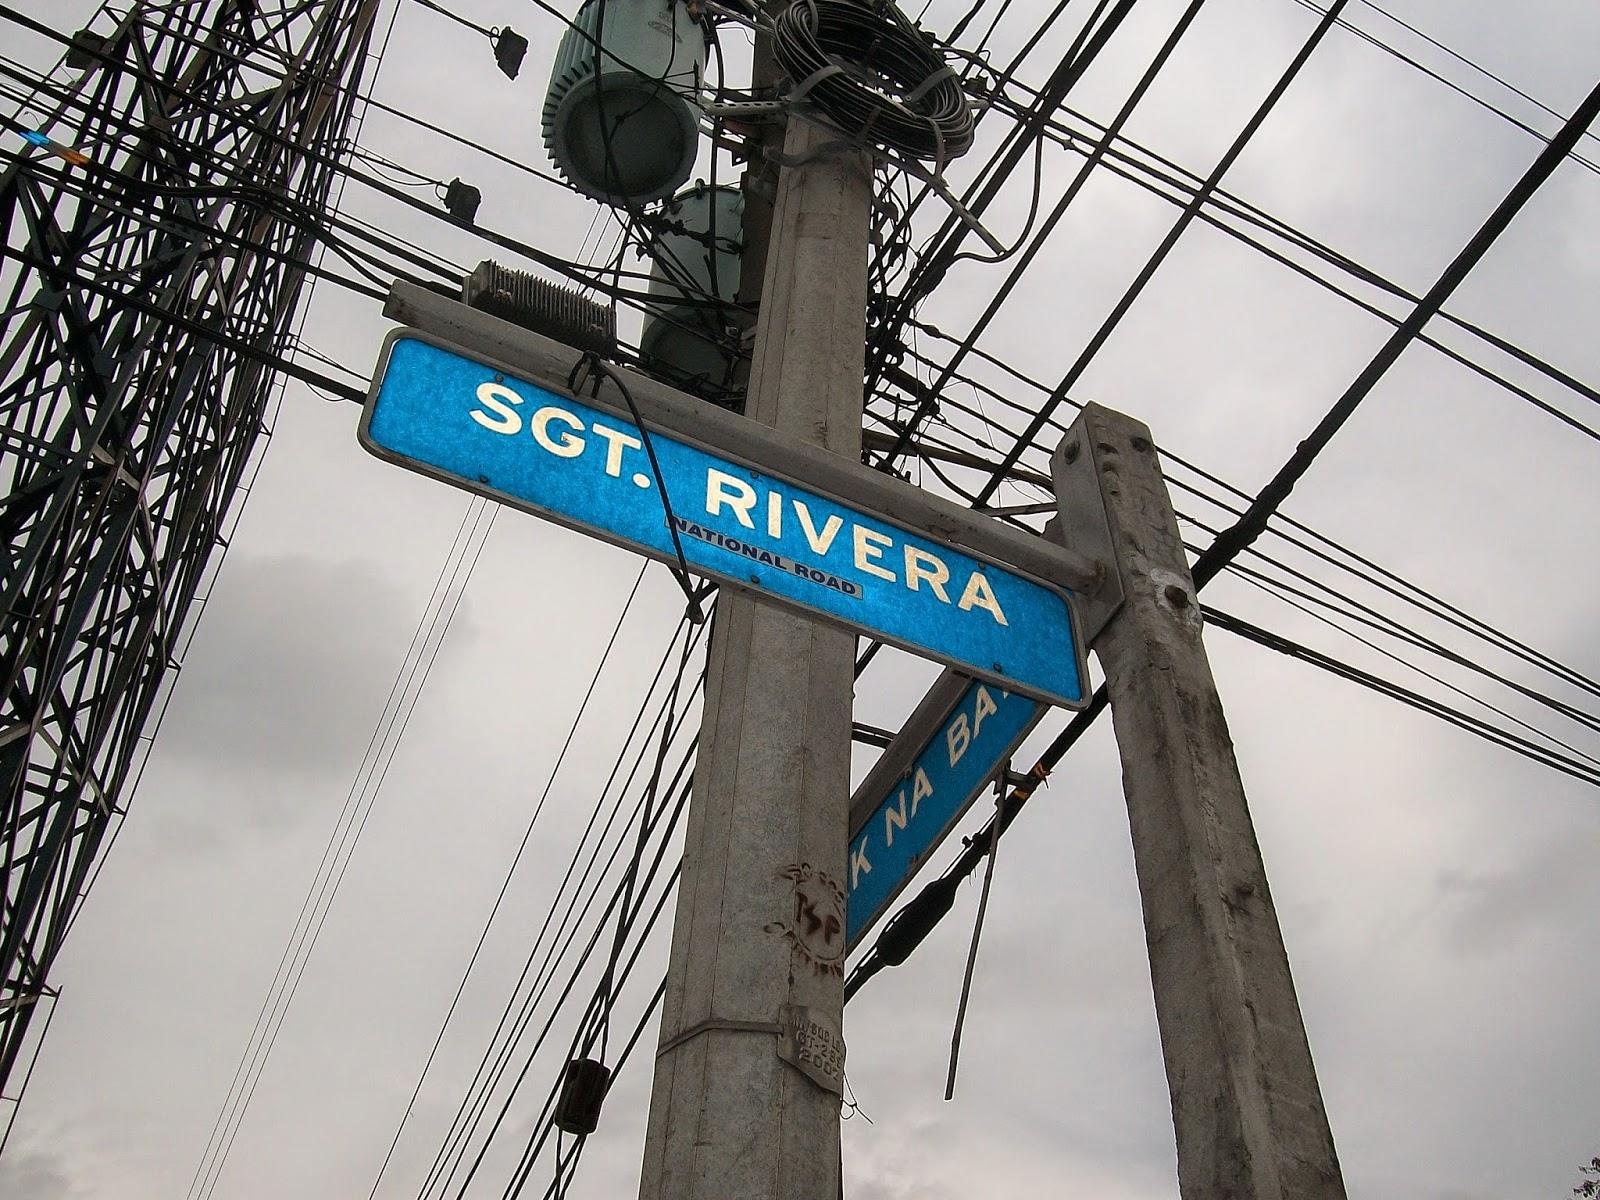 Sgt. Rivera